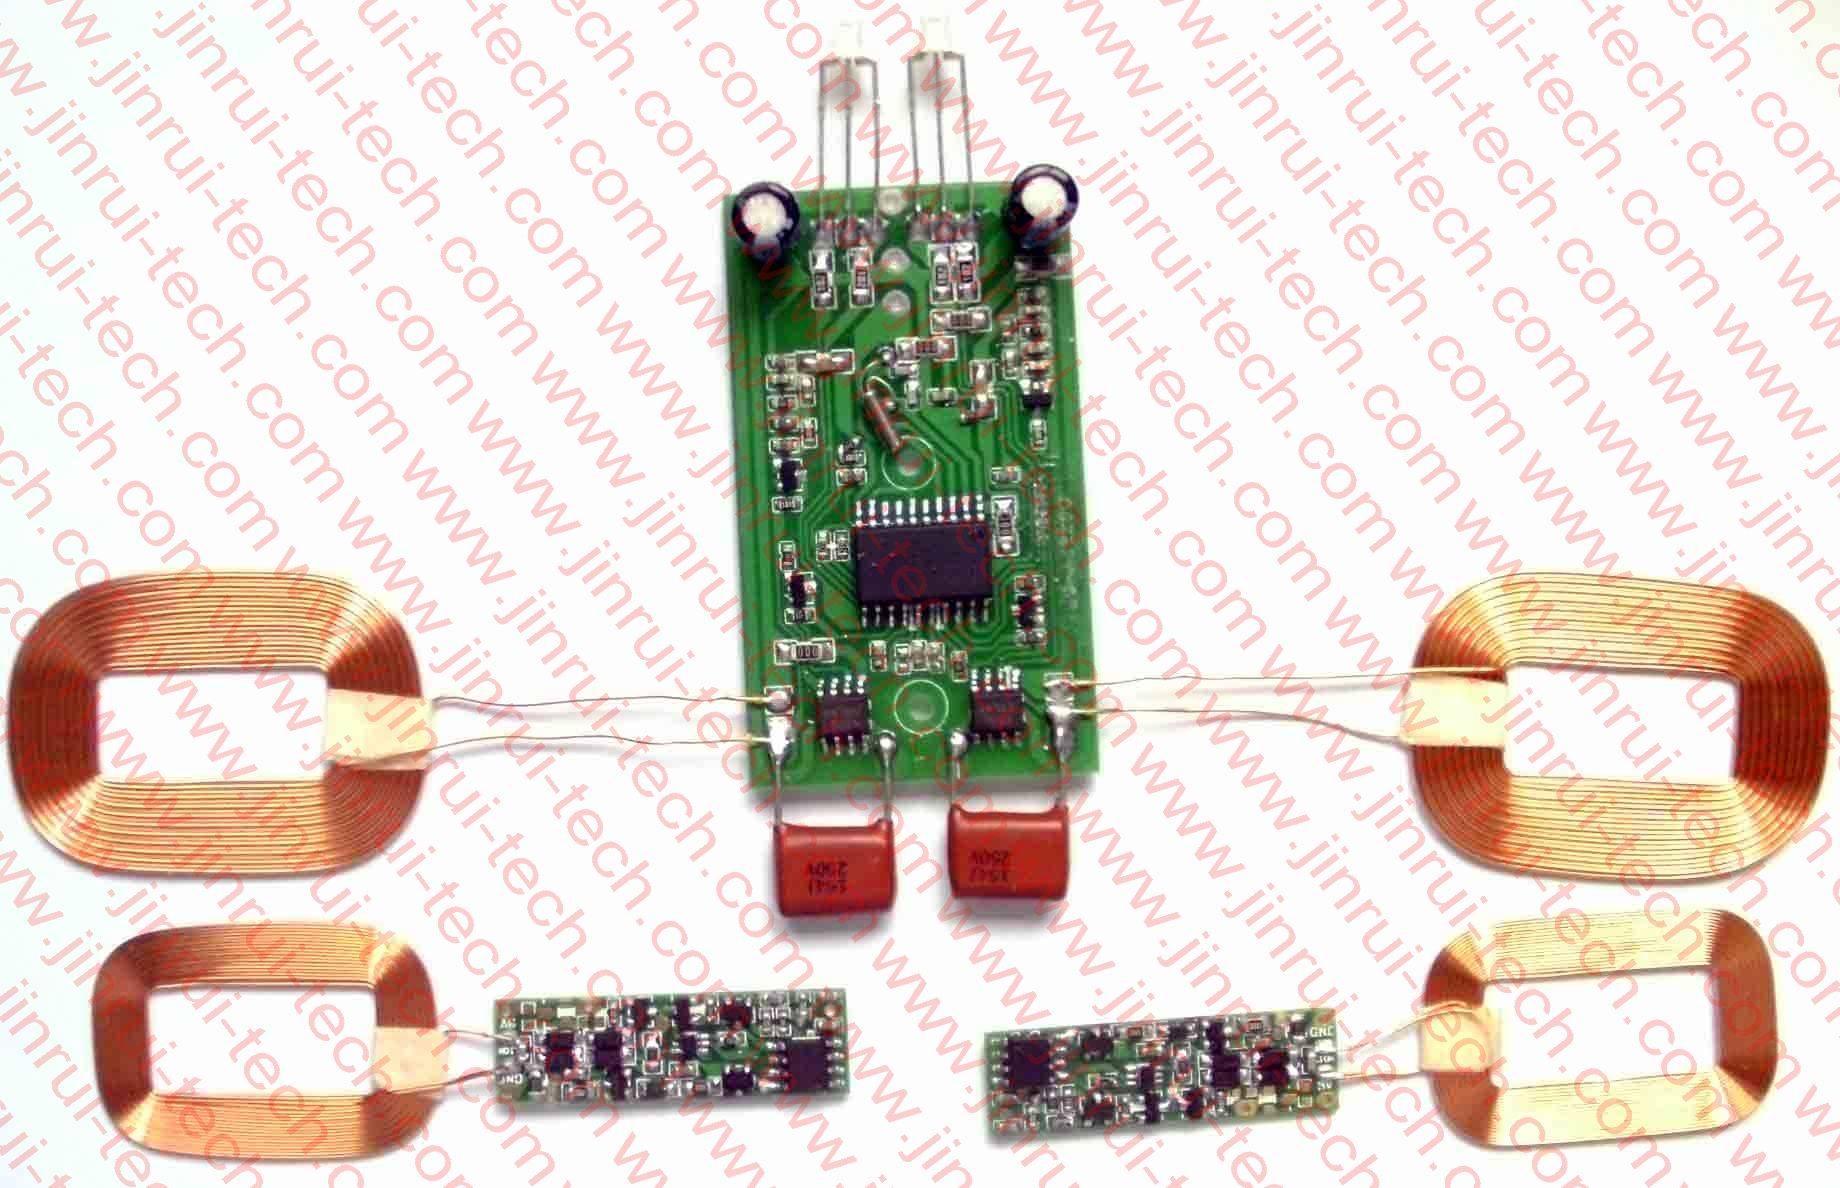 JR5218A_JR5208A PCBA无线充电IC,无线充IC,锂电无线充ic,wii无线充ic